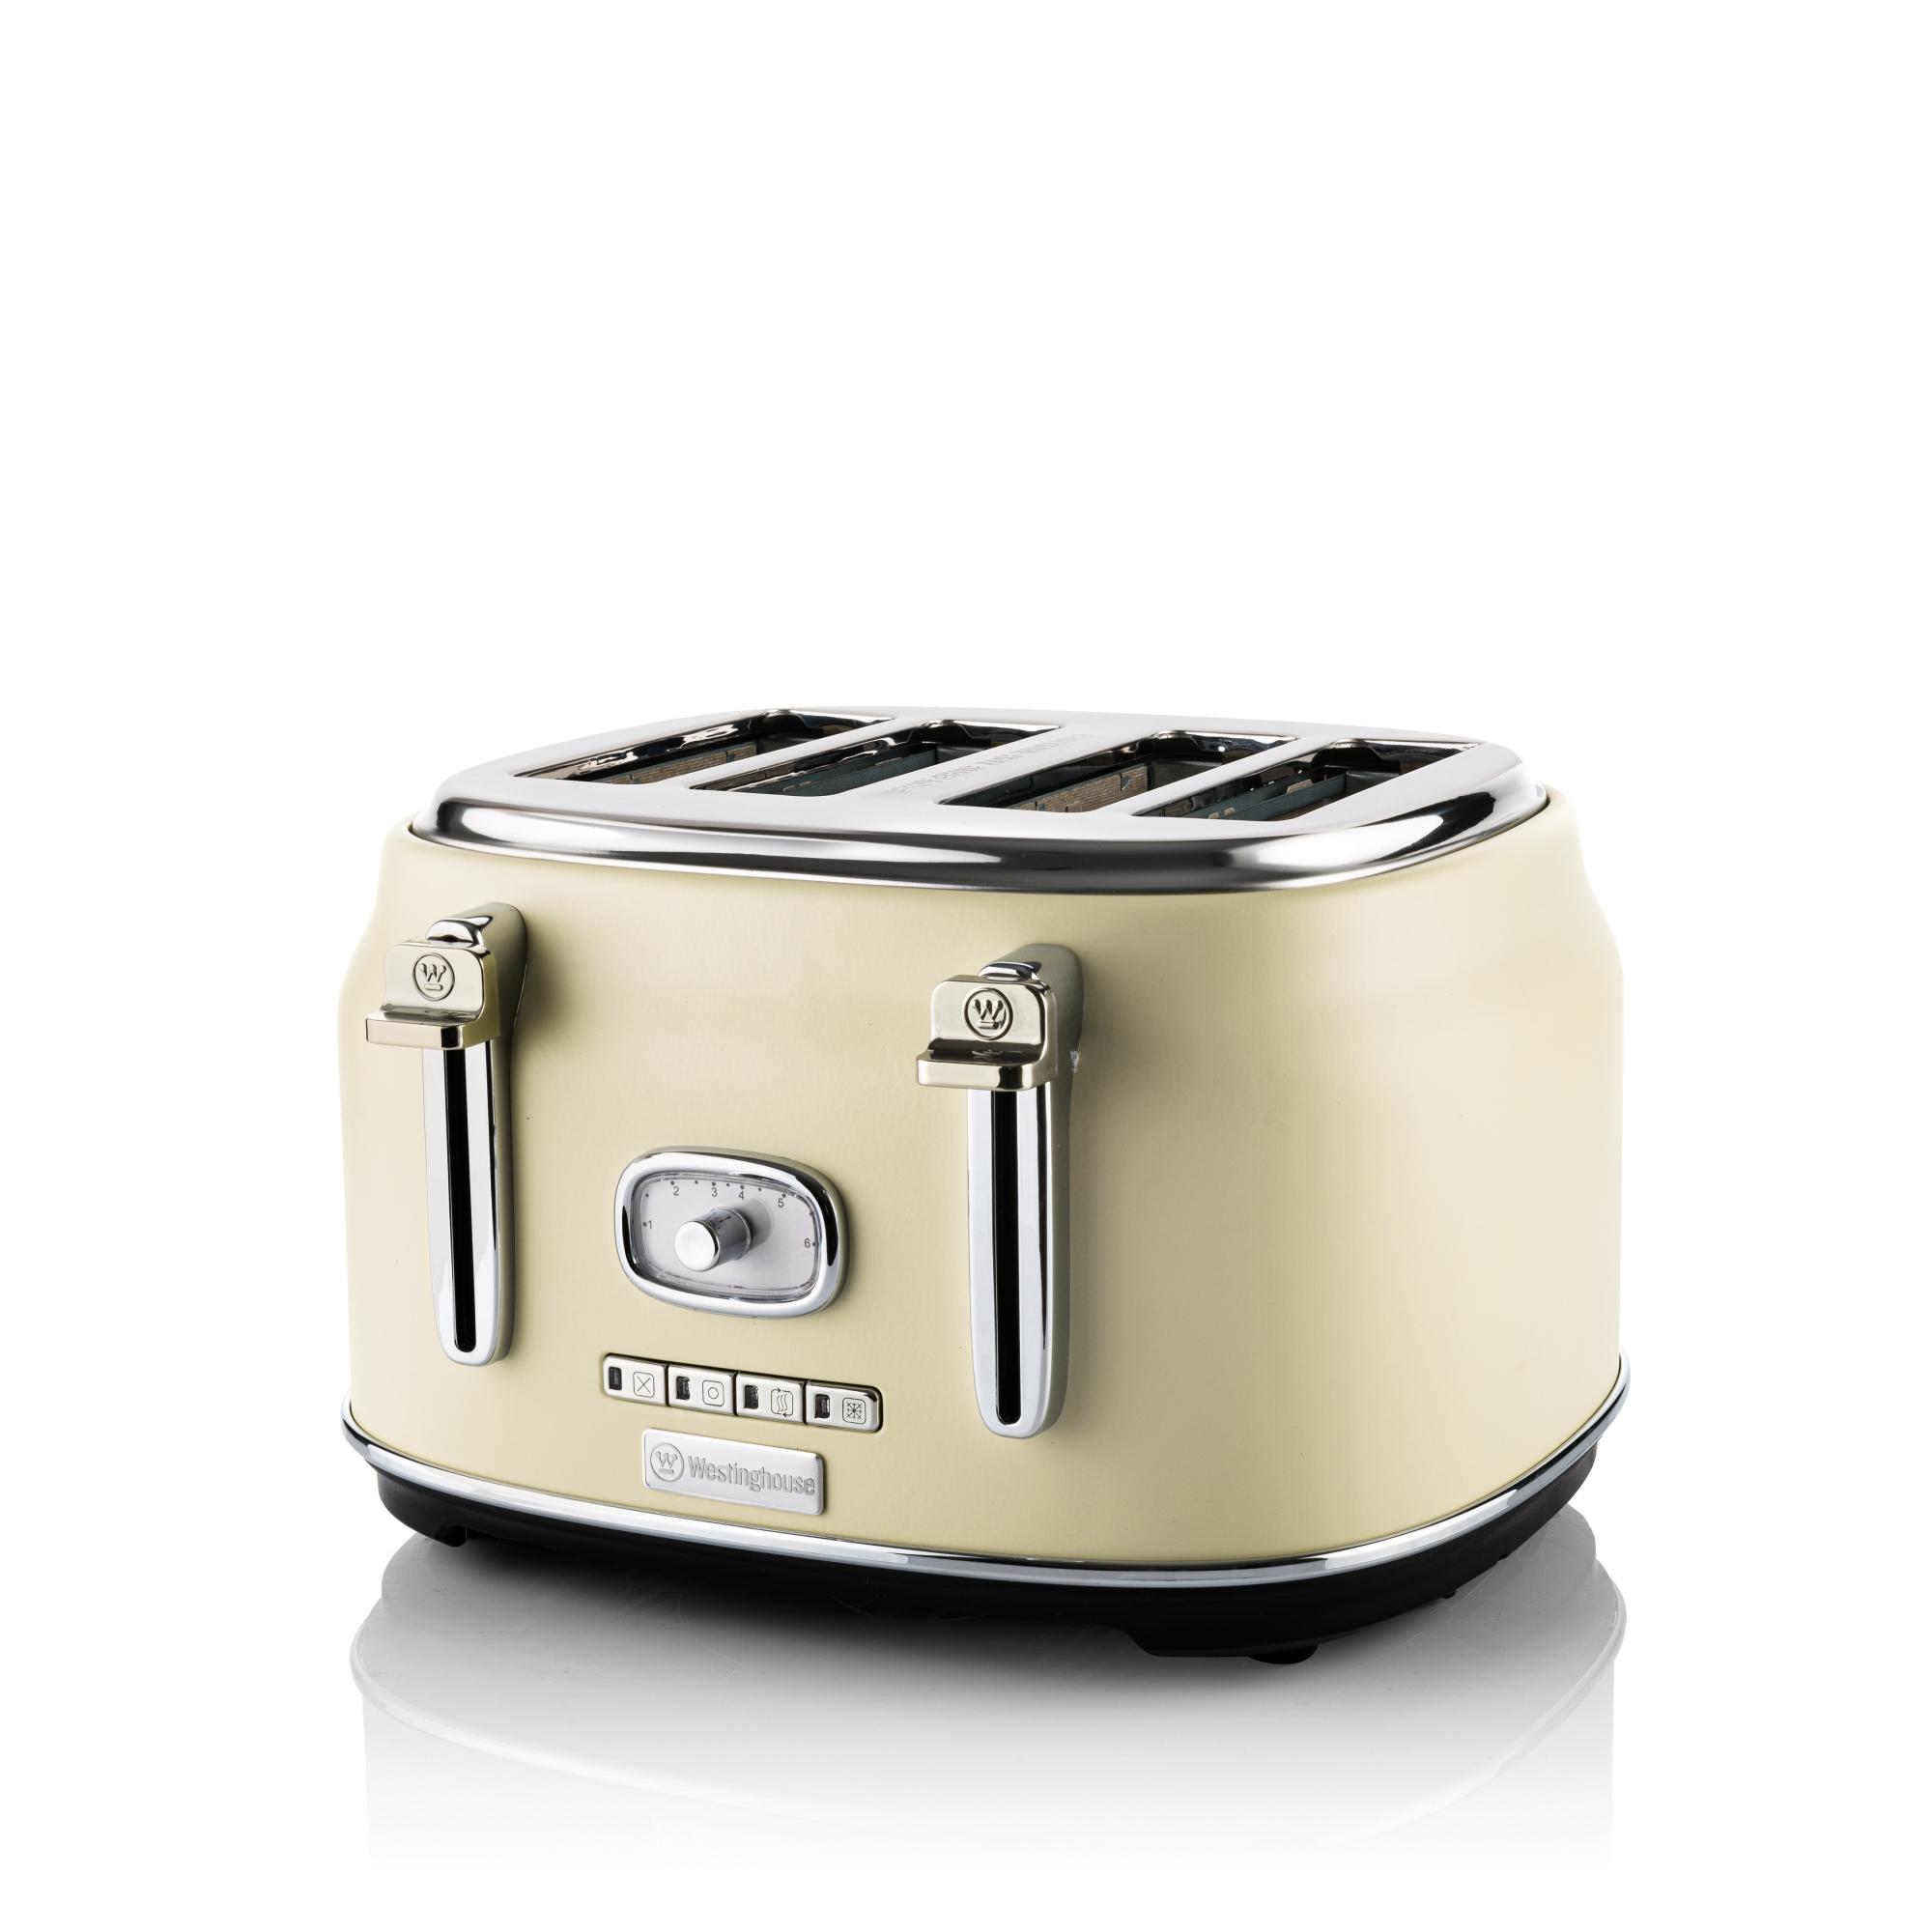 Westinghouse WKTT809WH Retro Serie Vier-Schlitz Toaster weiß